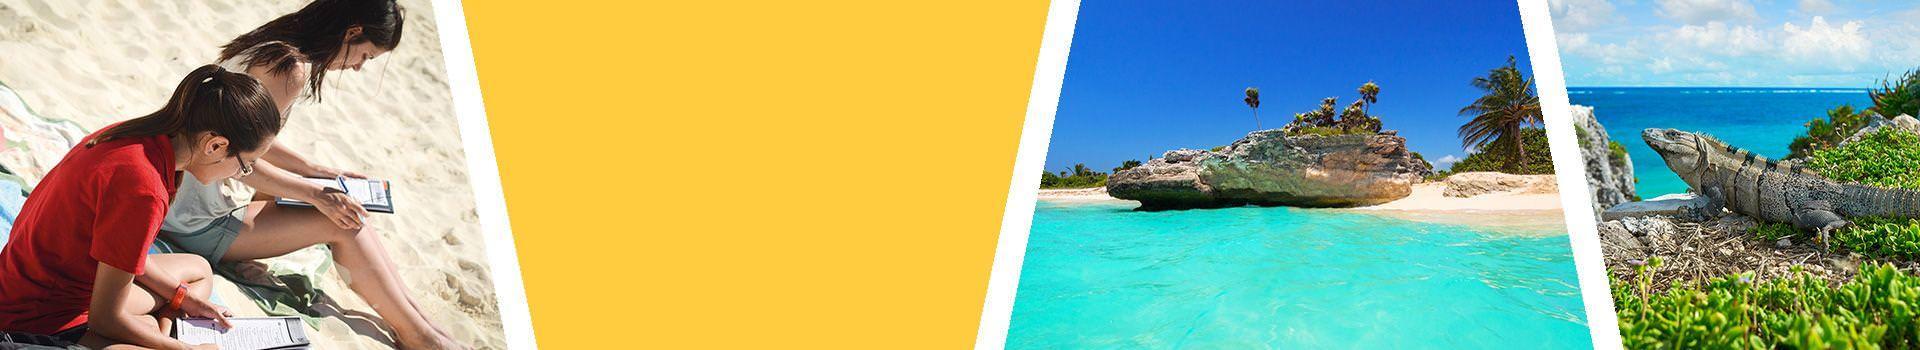 Sprachreise nach Playa del Carmen fuer Erwachsene in Mexiko Slider